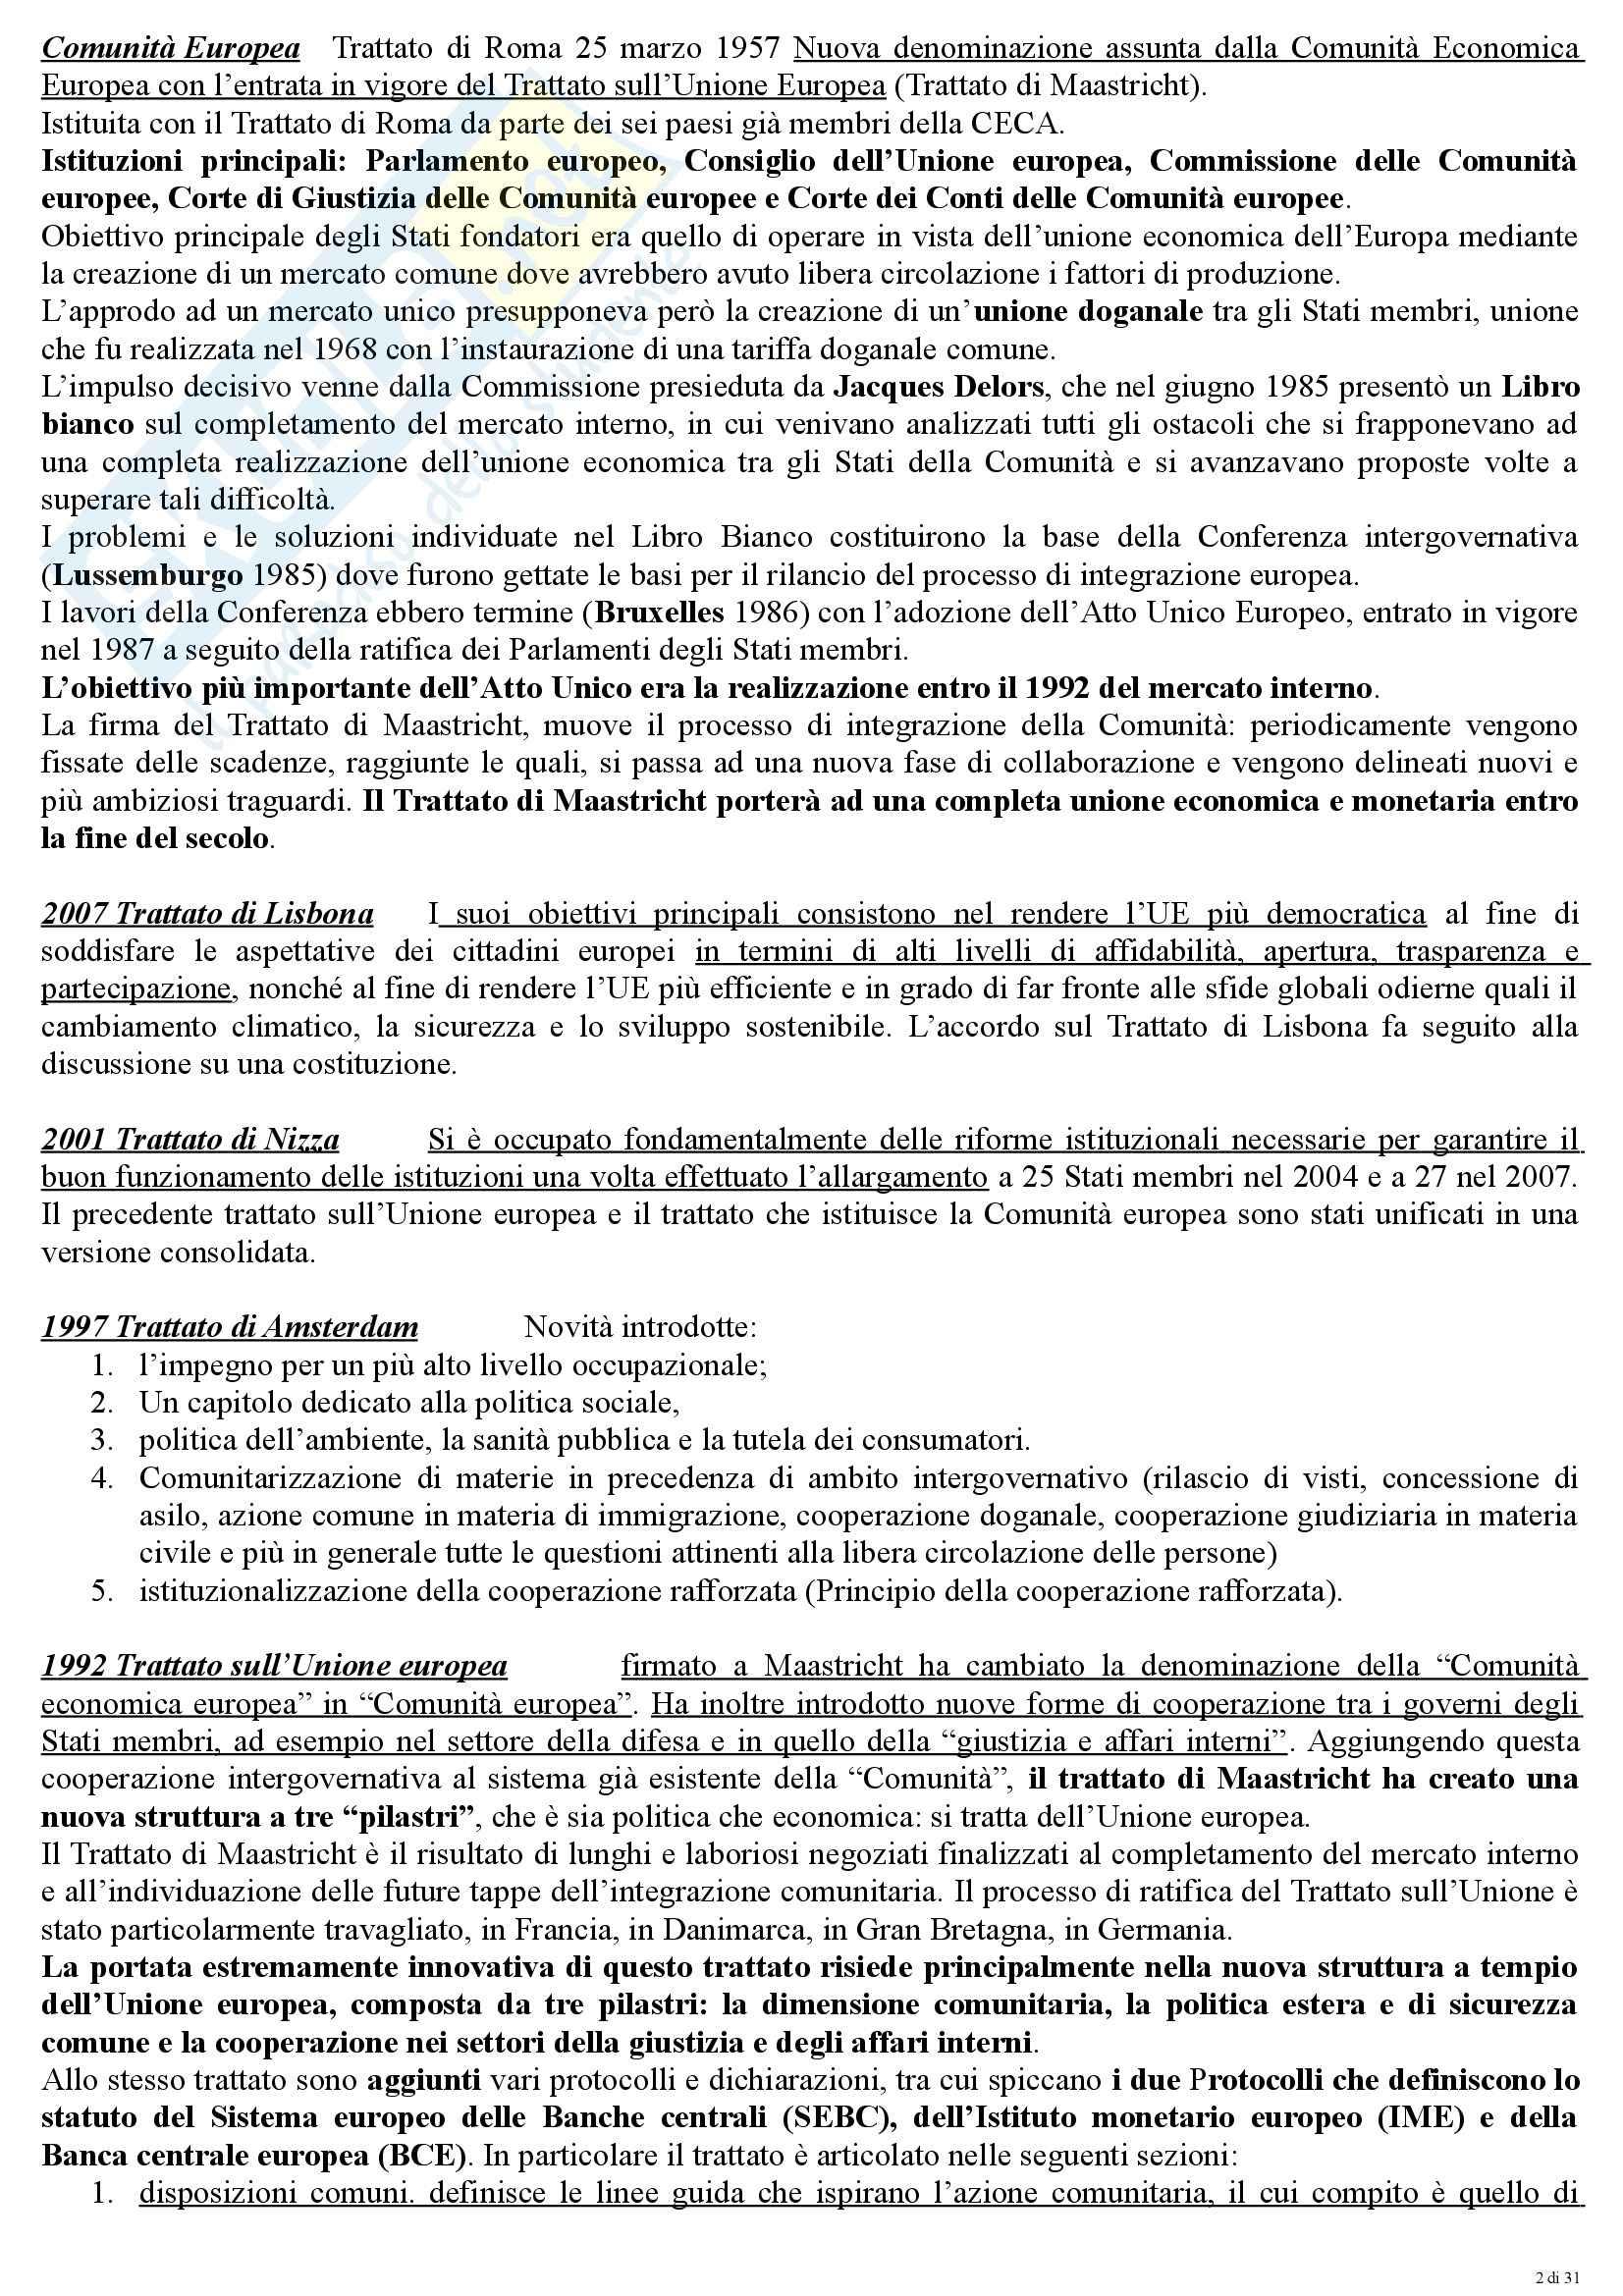 Diritto dell'Unione Europea - concetti e principi Pag. 2